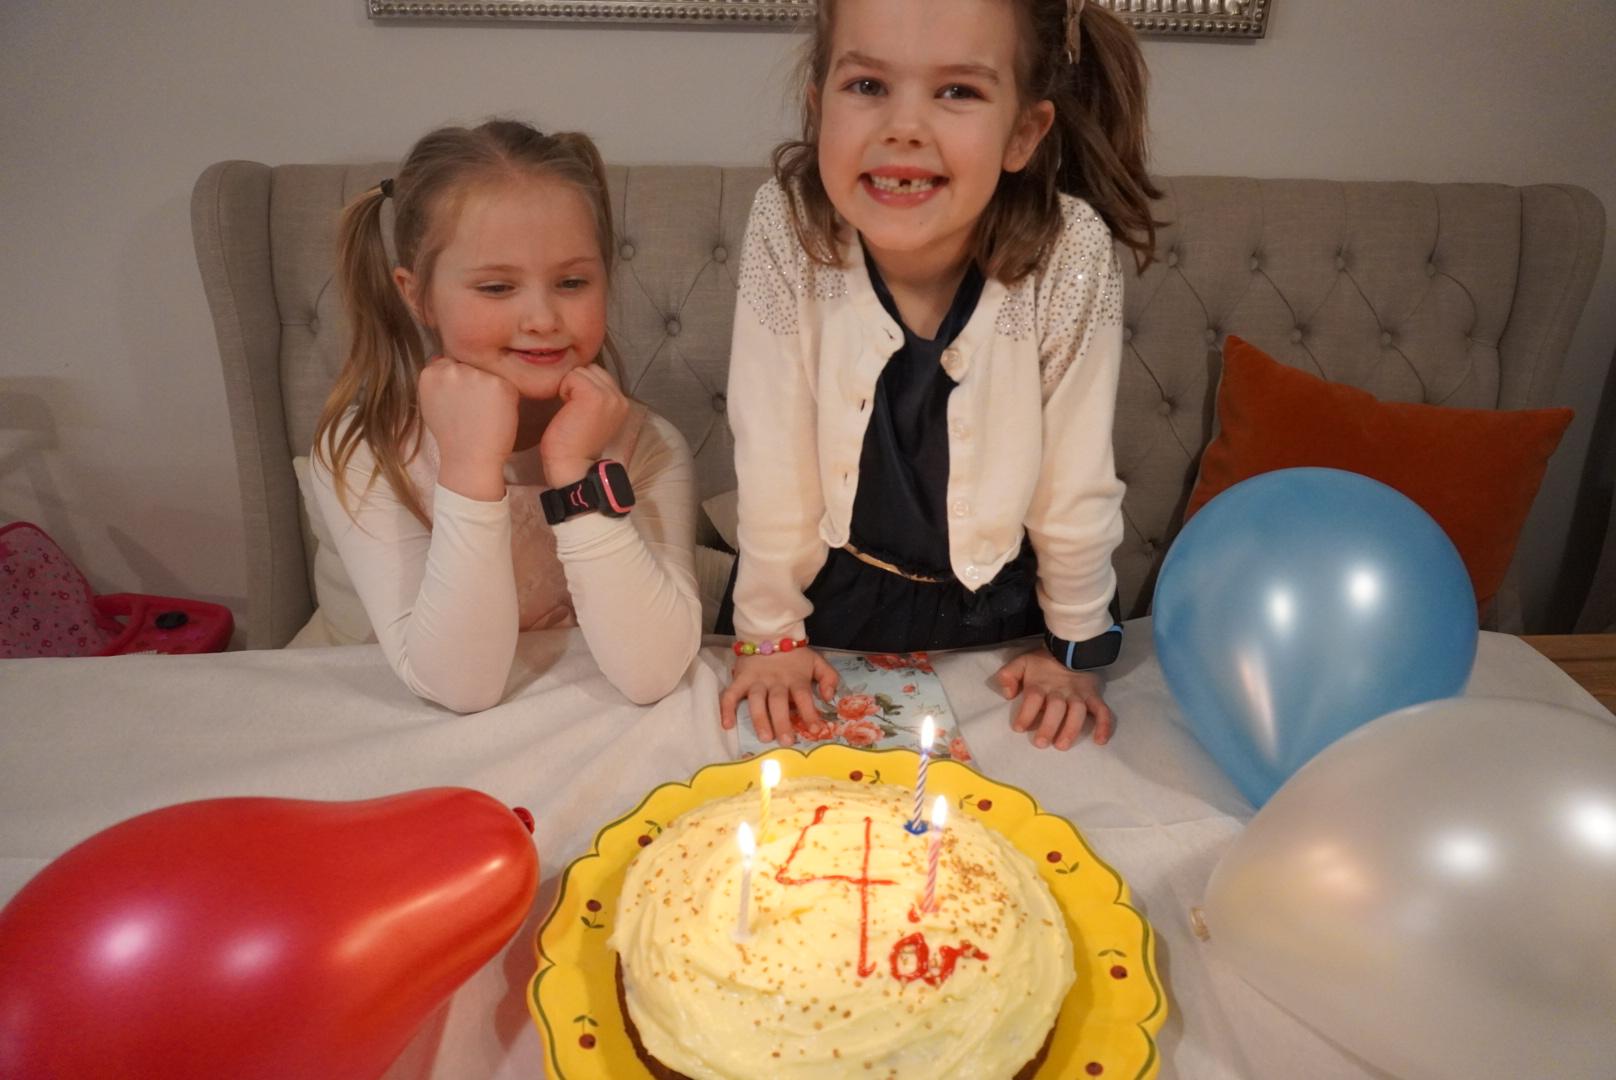 5 bursdagstips med hensyn til smittevern